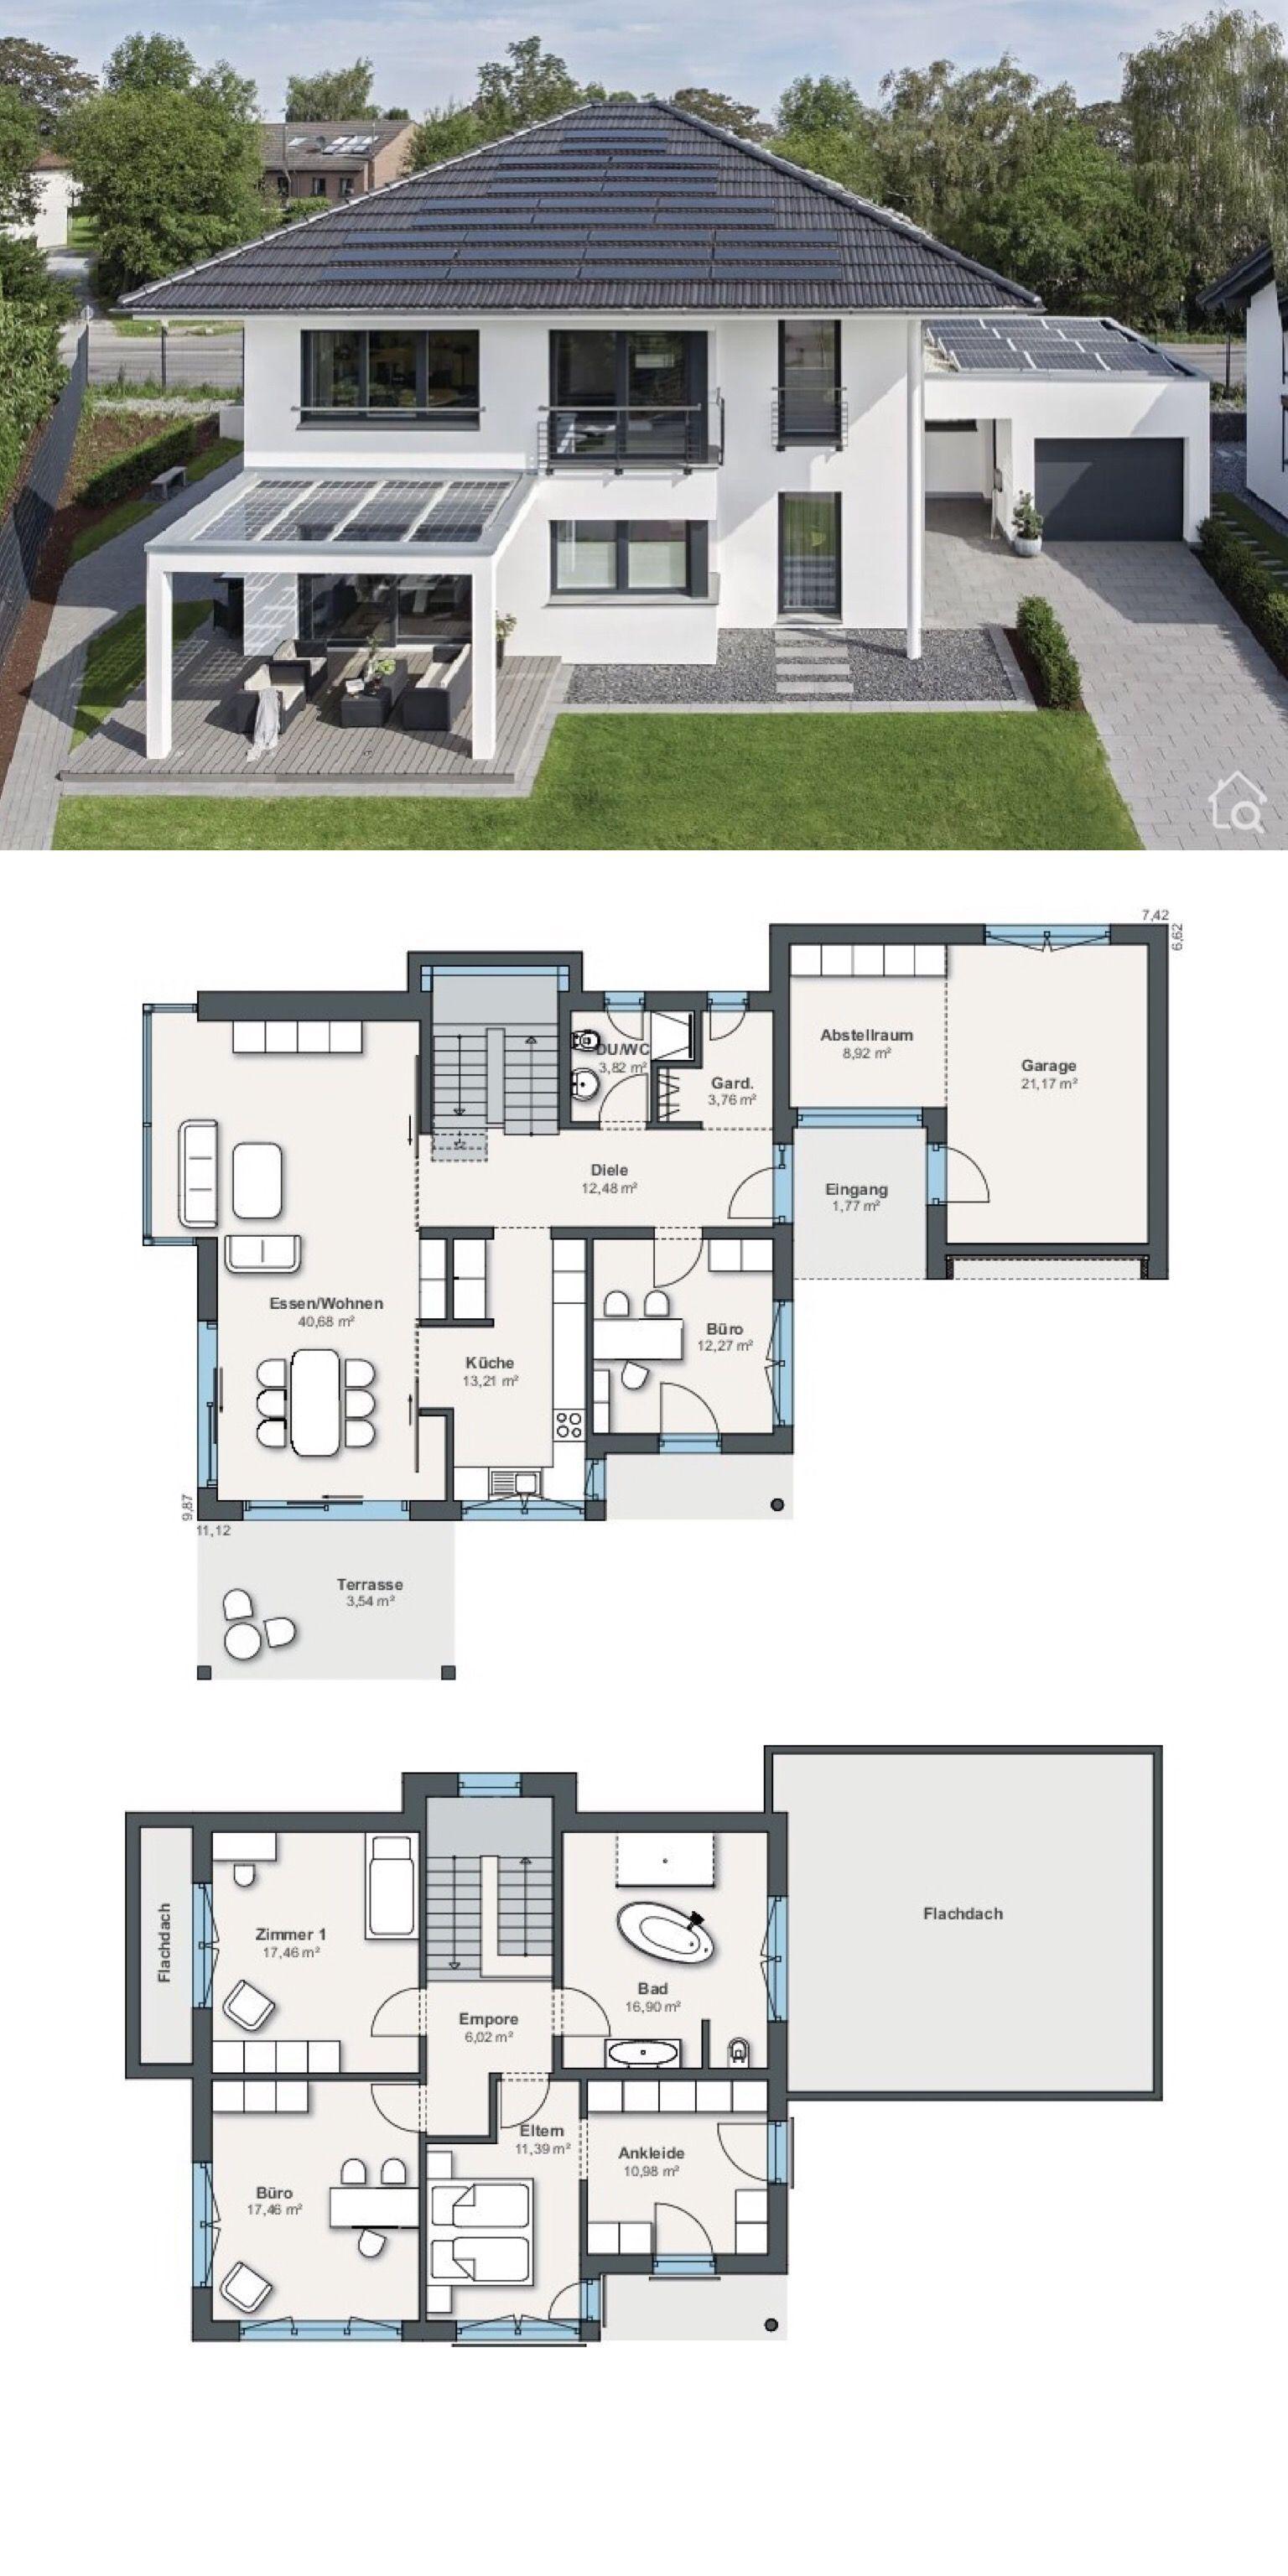 Stadtvilla Grundriss modern mit Garage & Walmdach